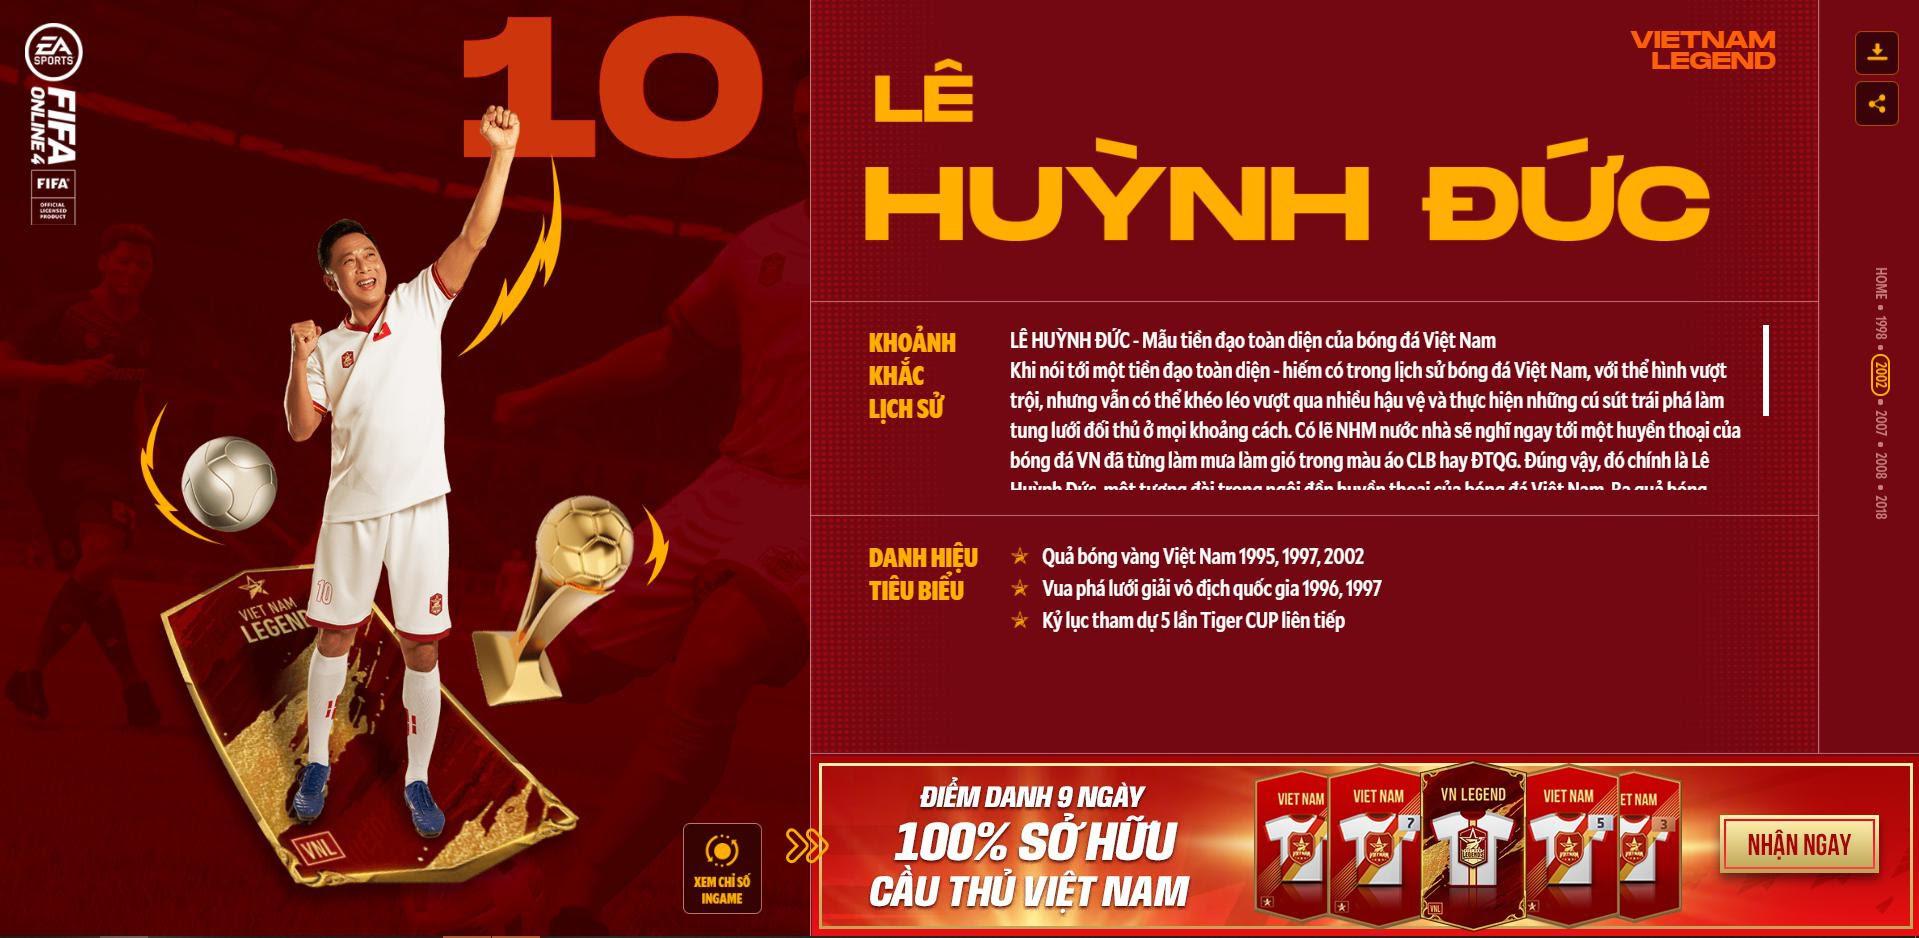 Các huyền thoại bóng đá Việt Nam bất ngờ xuất hiện trong Fifa Online 4 - Ảnh 3.